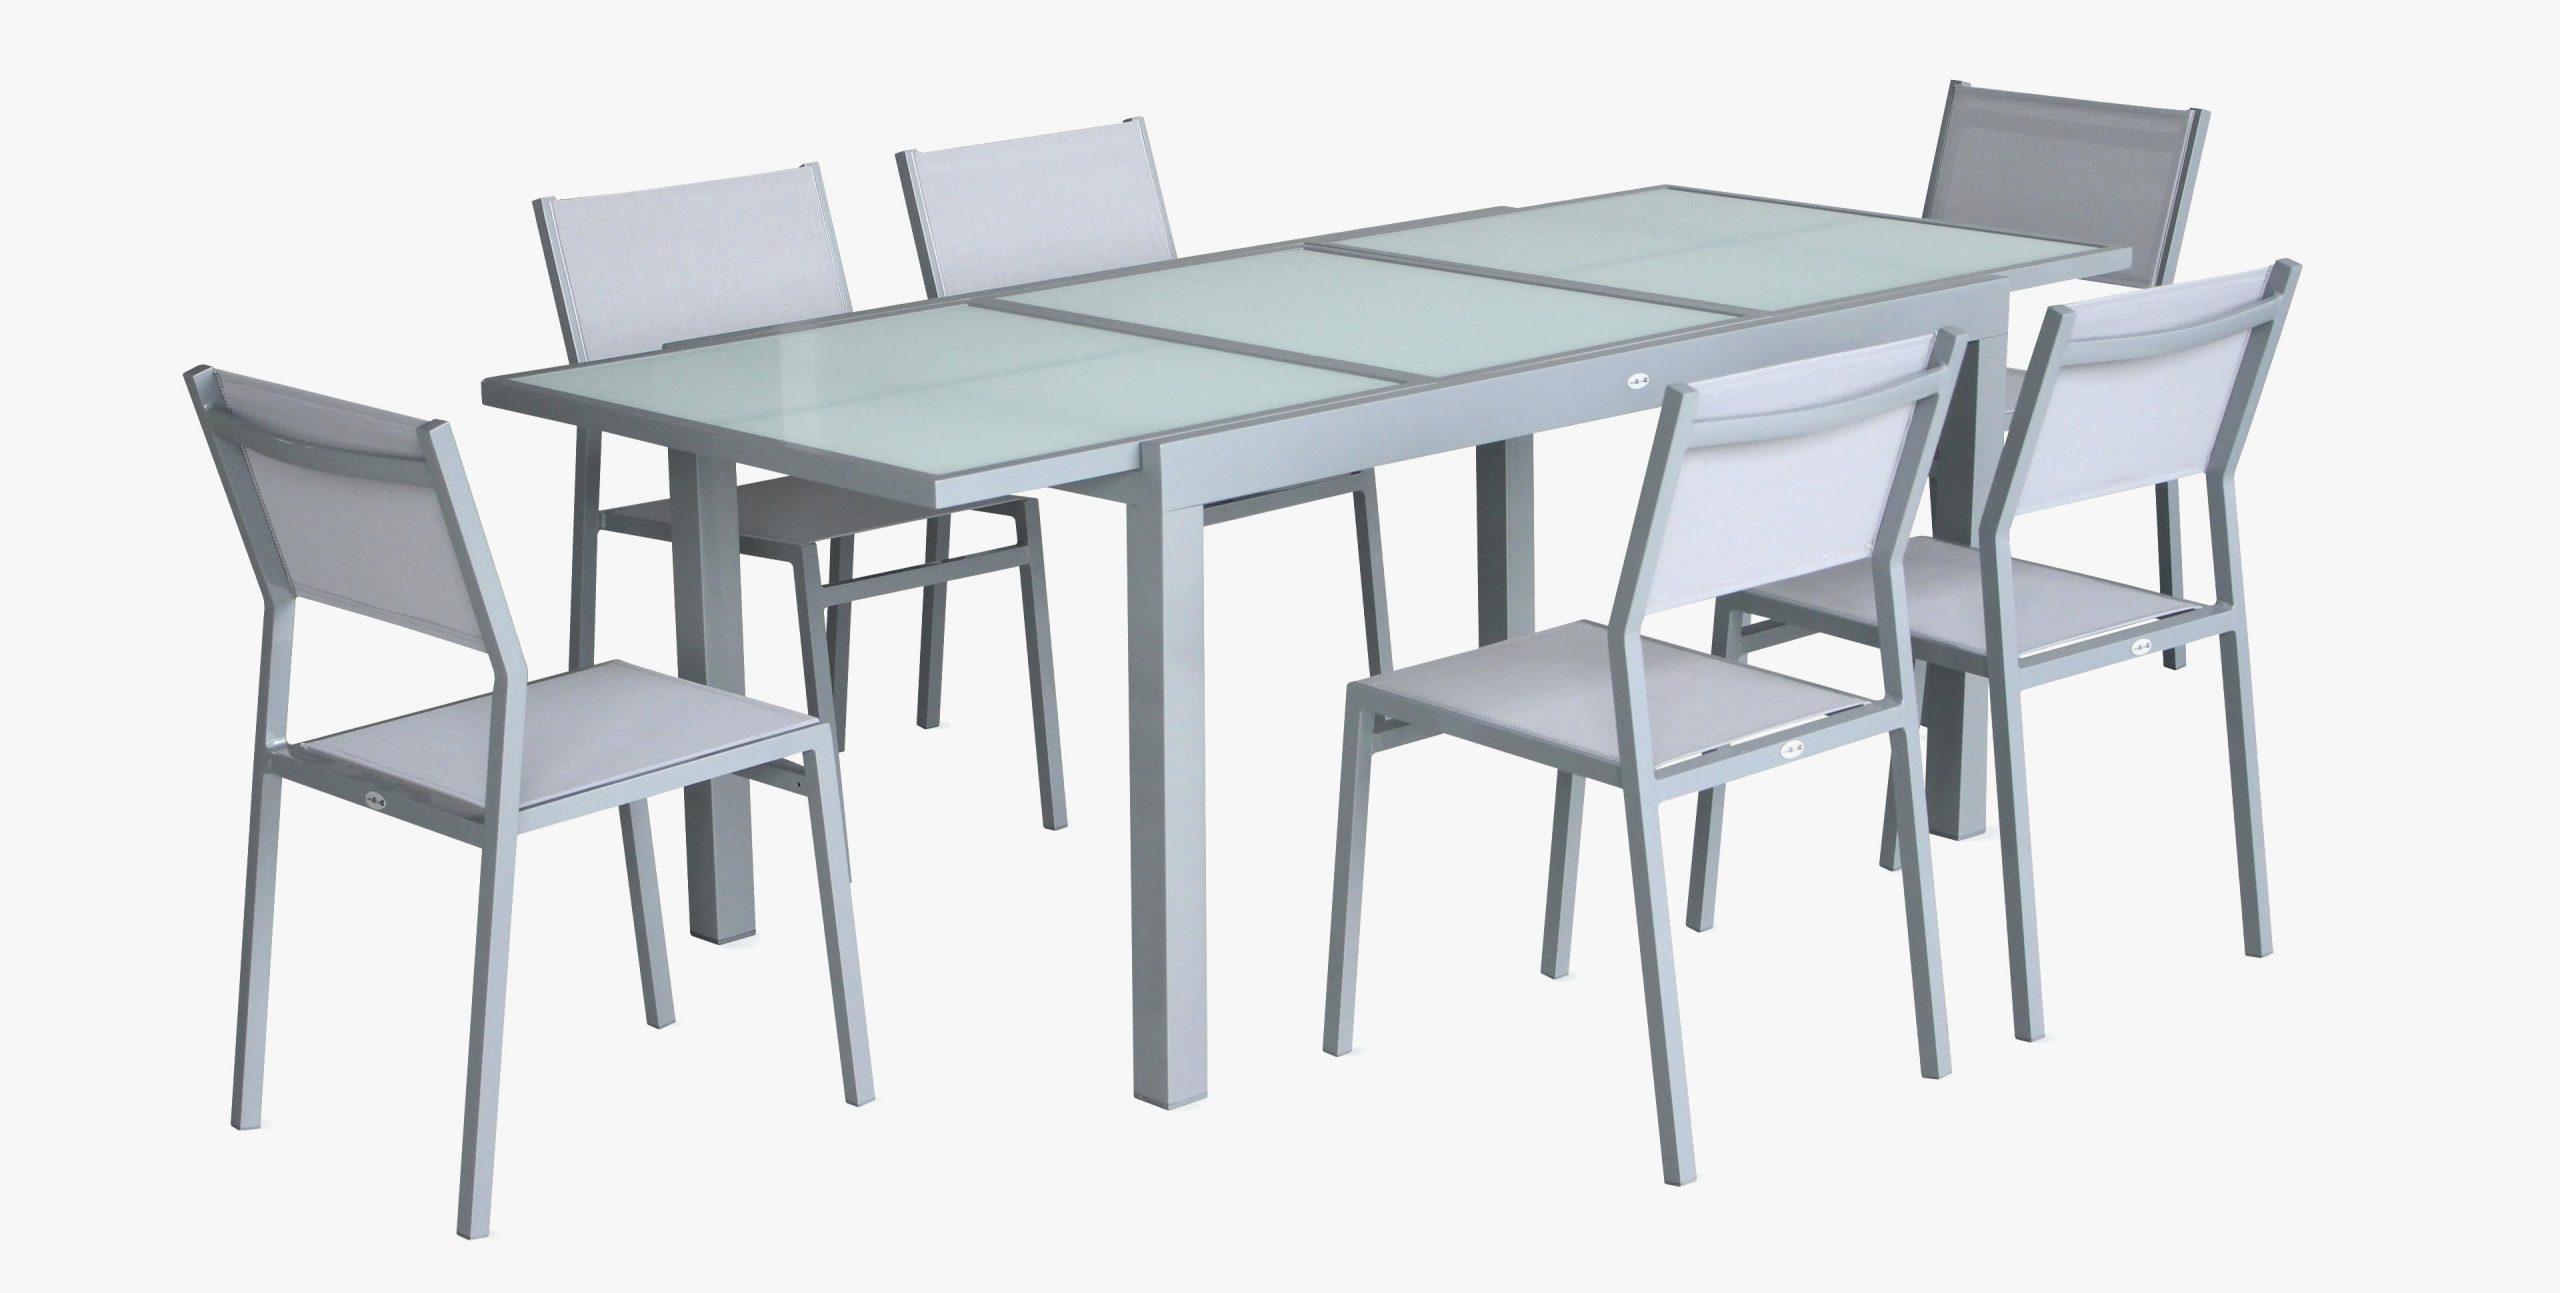 Fly.fr Table De Cuisine - Chaise-Tolix.fr avec Table Pliante Intermarché